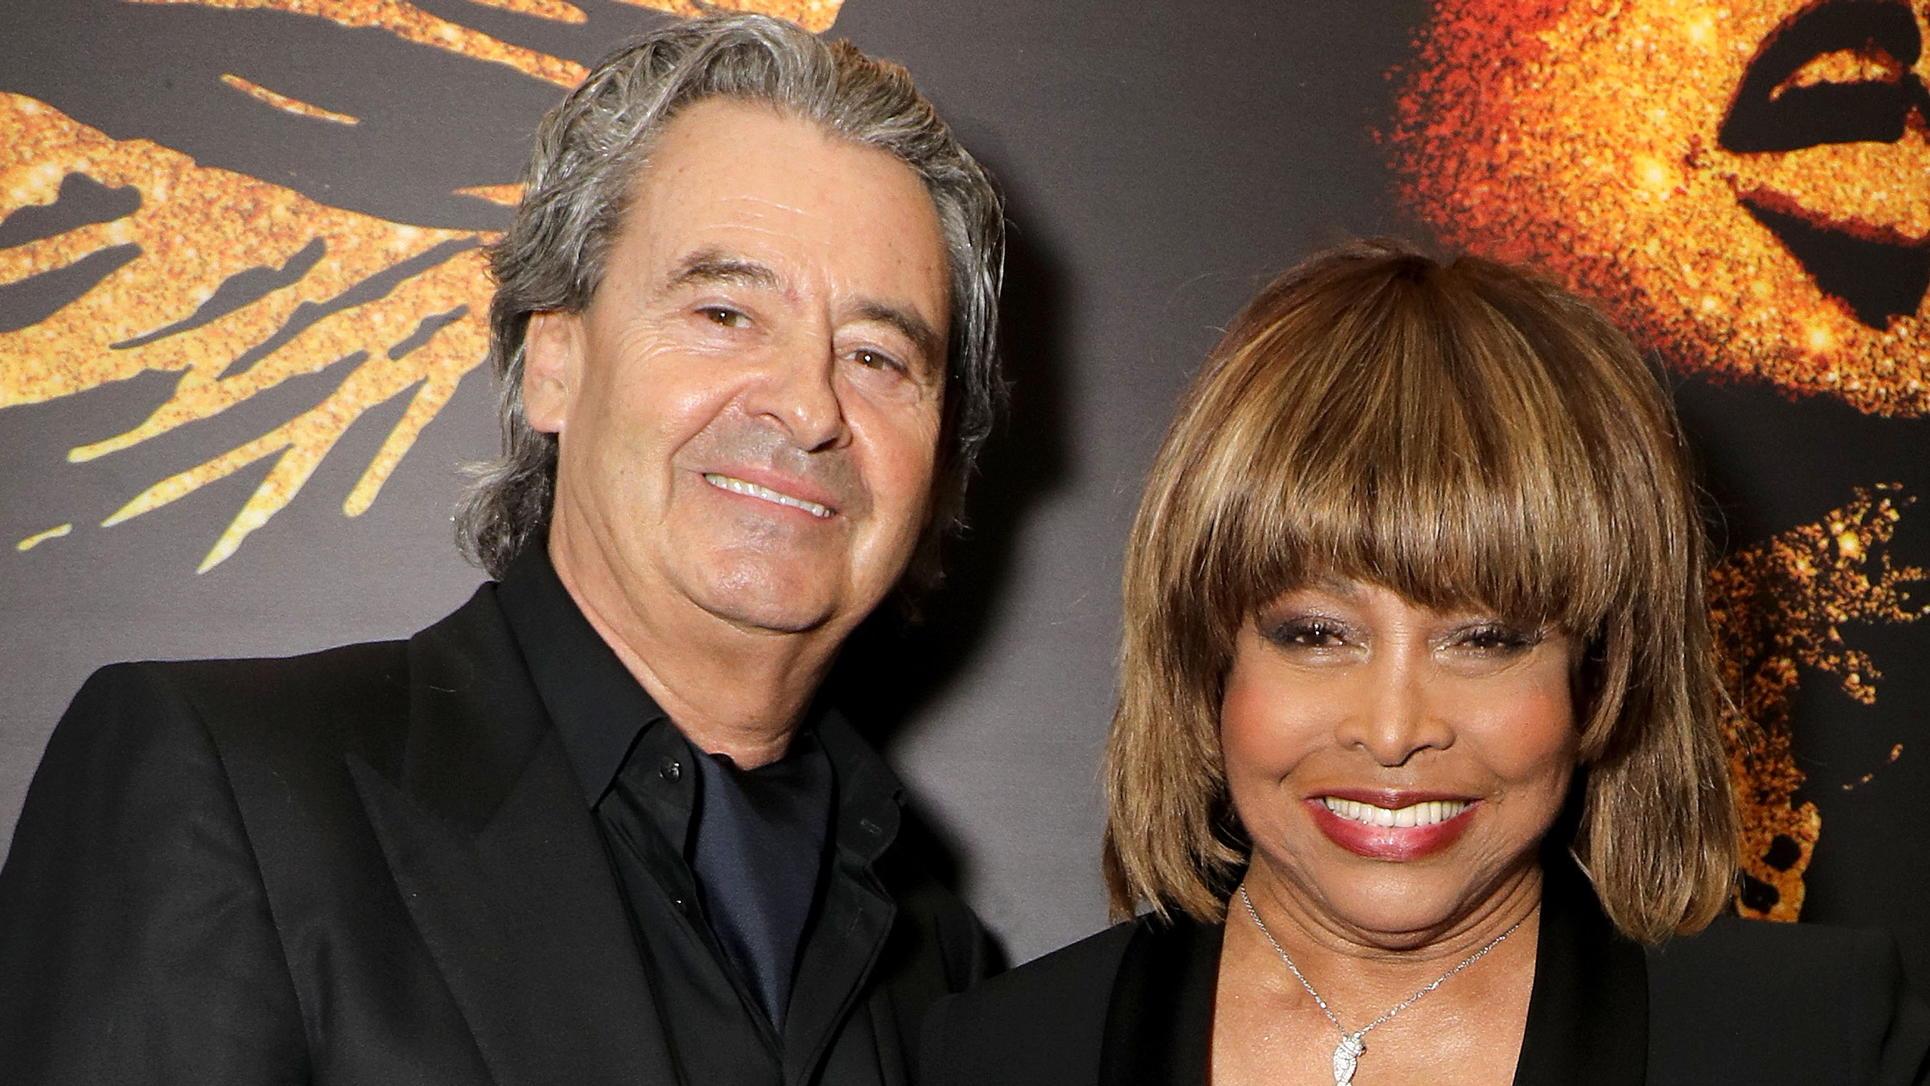 Sängerin Tina Turner: Die lebende Legende feiert ihren 80